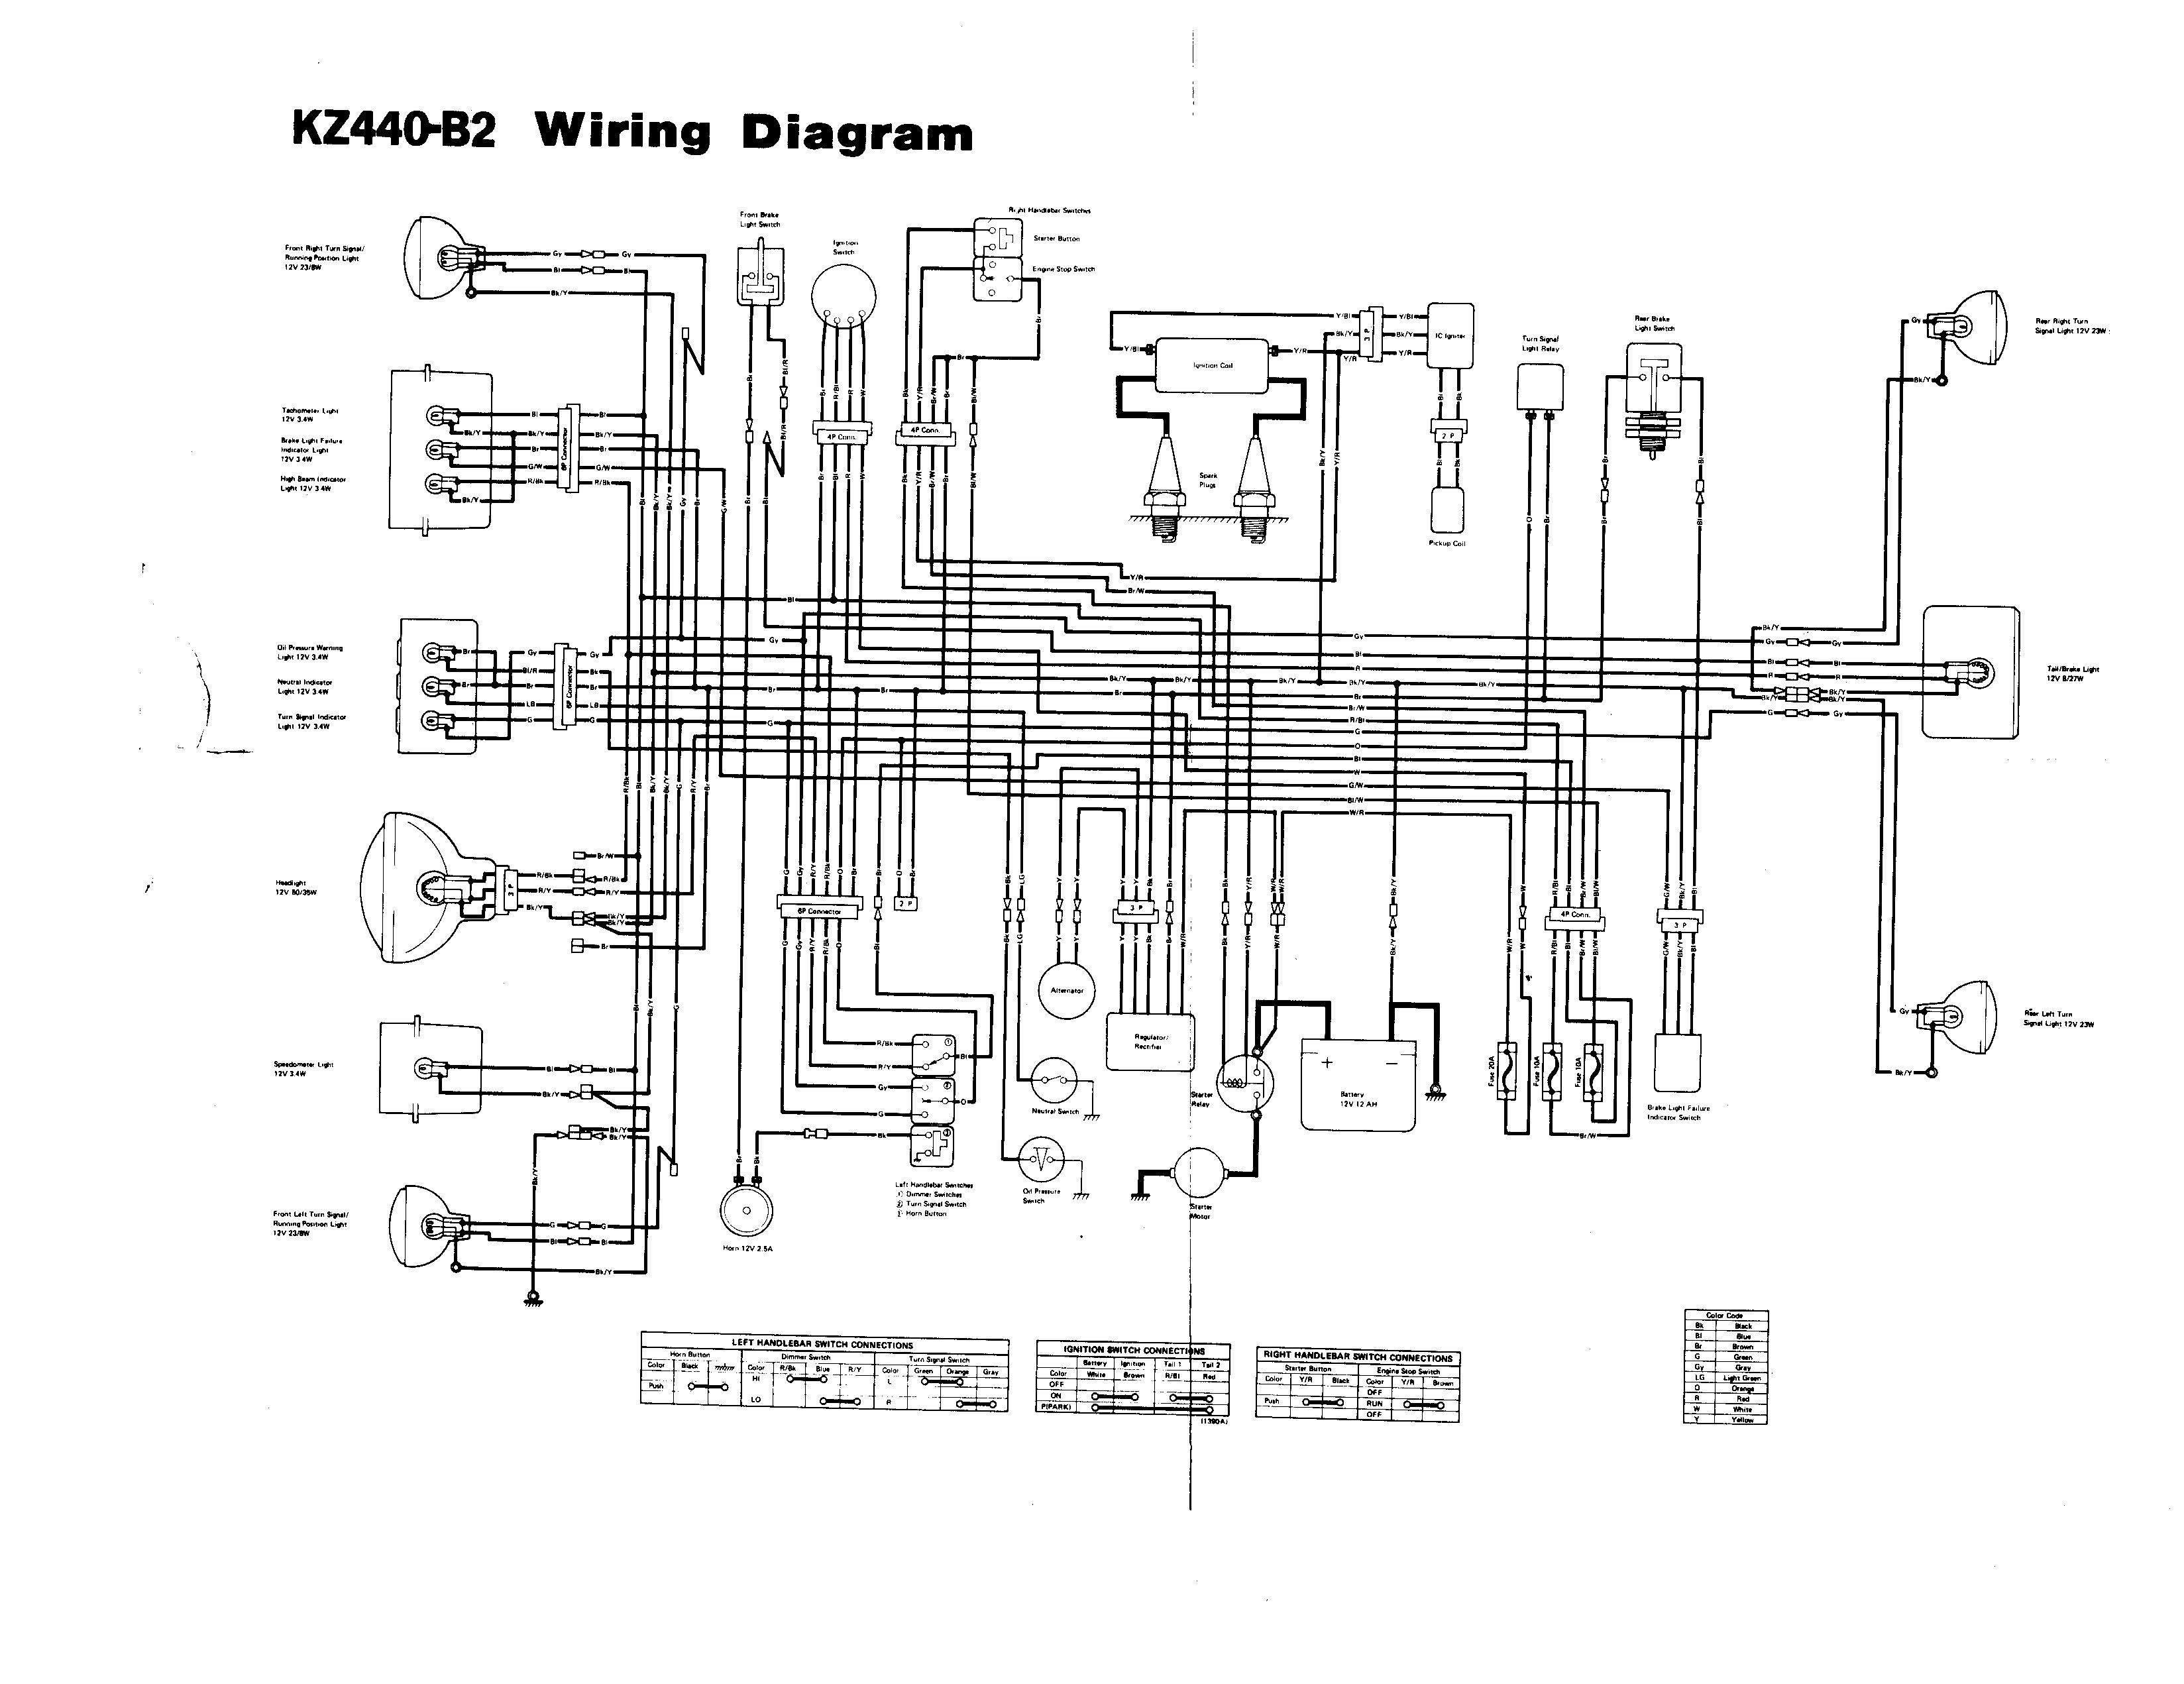 Hyster 50 Forklift Starter Wiring Diagram Xm - 2007 Chevy Suburban Radio Wiring  Diagram - 7gen-nissaan.bmw1992.warmi.fr | Hyster Forklift Wiring Diagram E60 |  | Wiring Diagram Resource